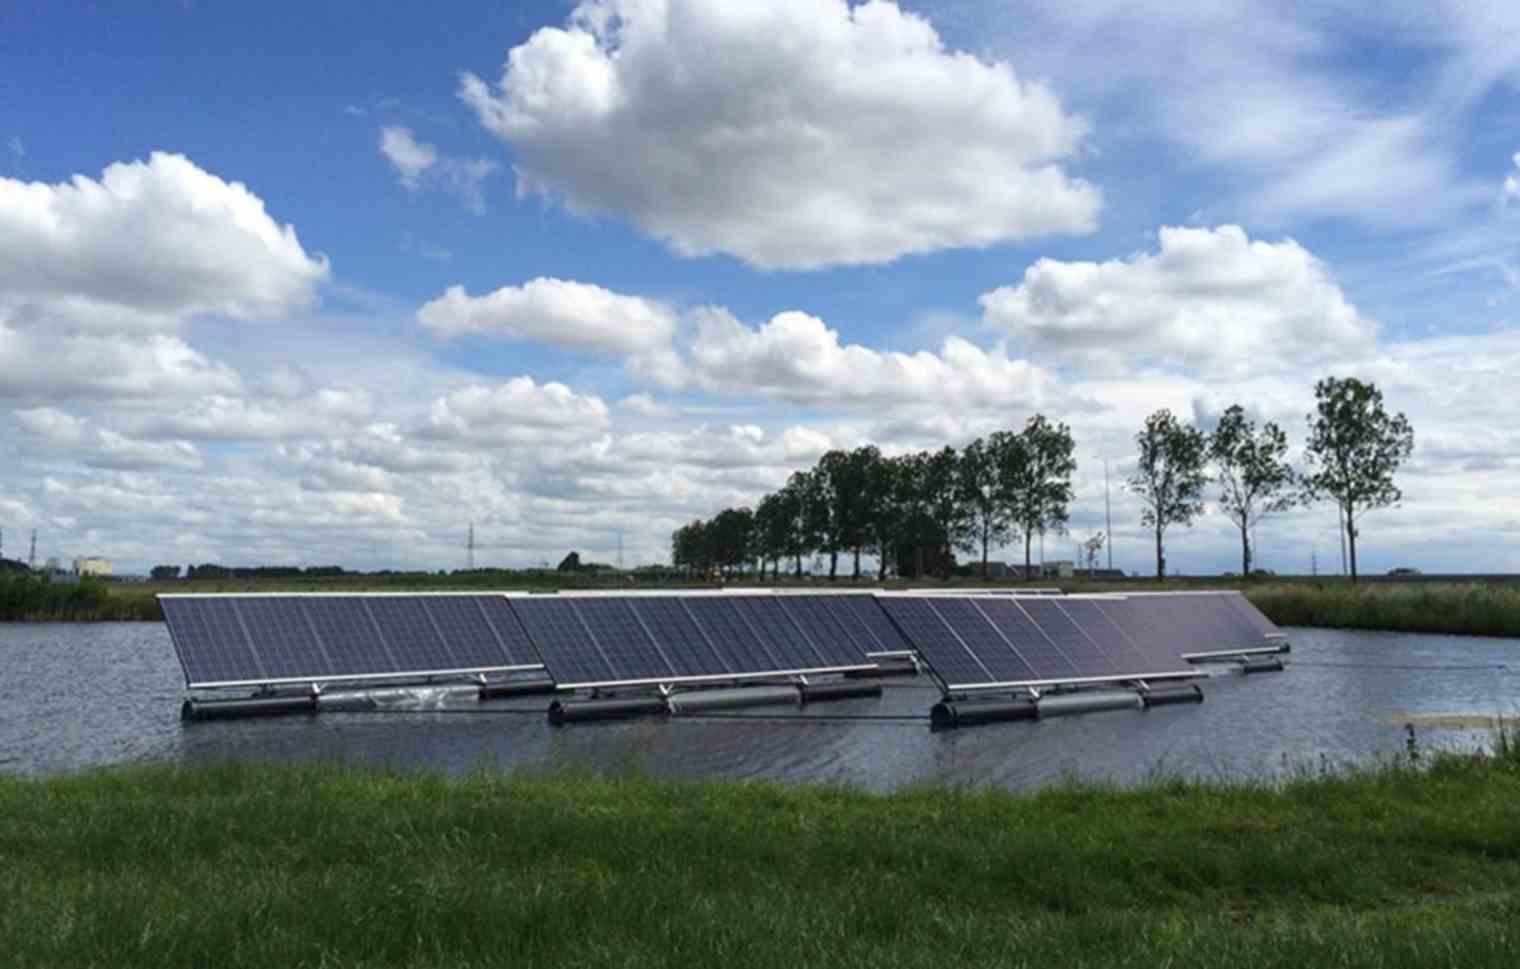 Drijvende zonnepanelen op de Schie